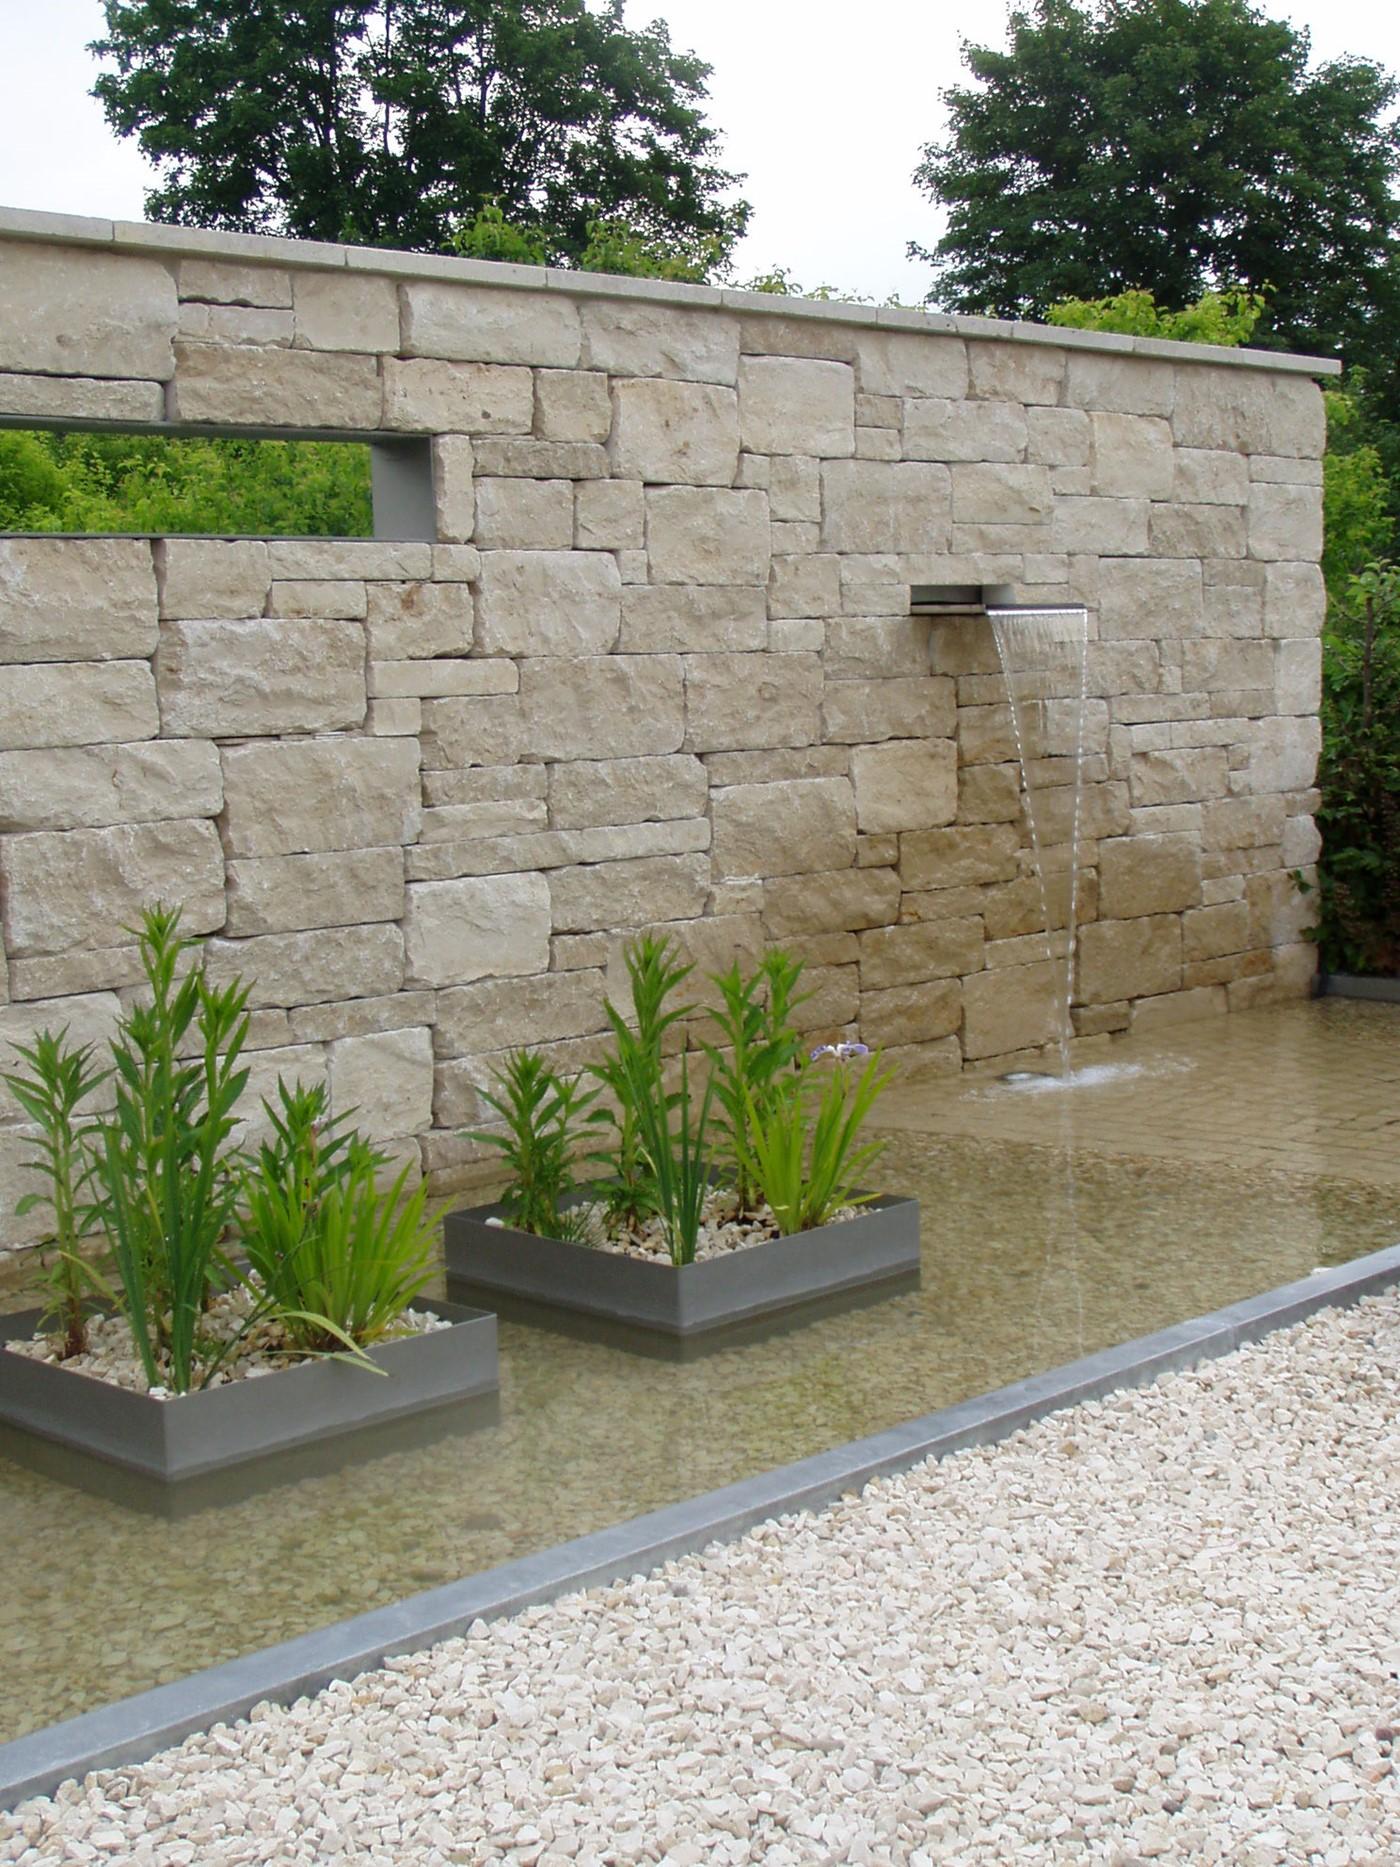 Garten Wasser Wolther Baur